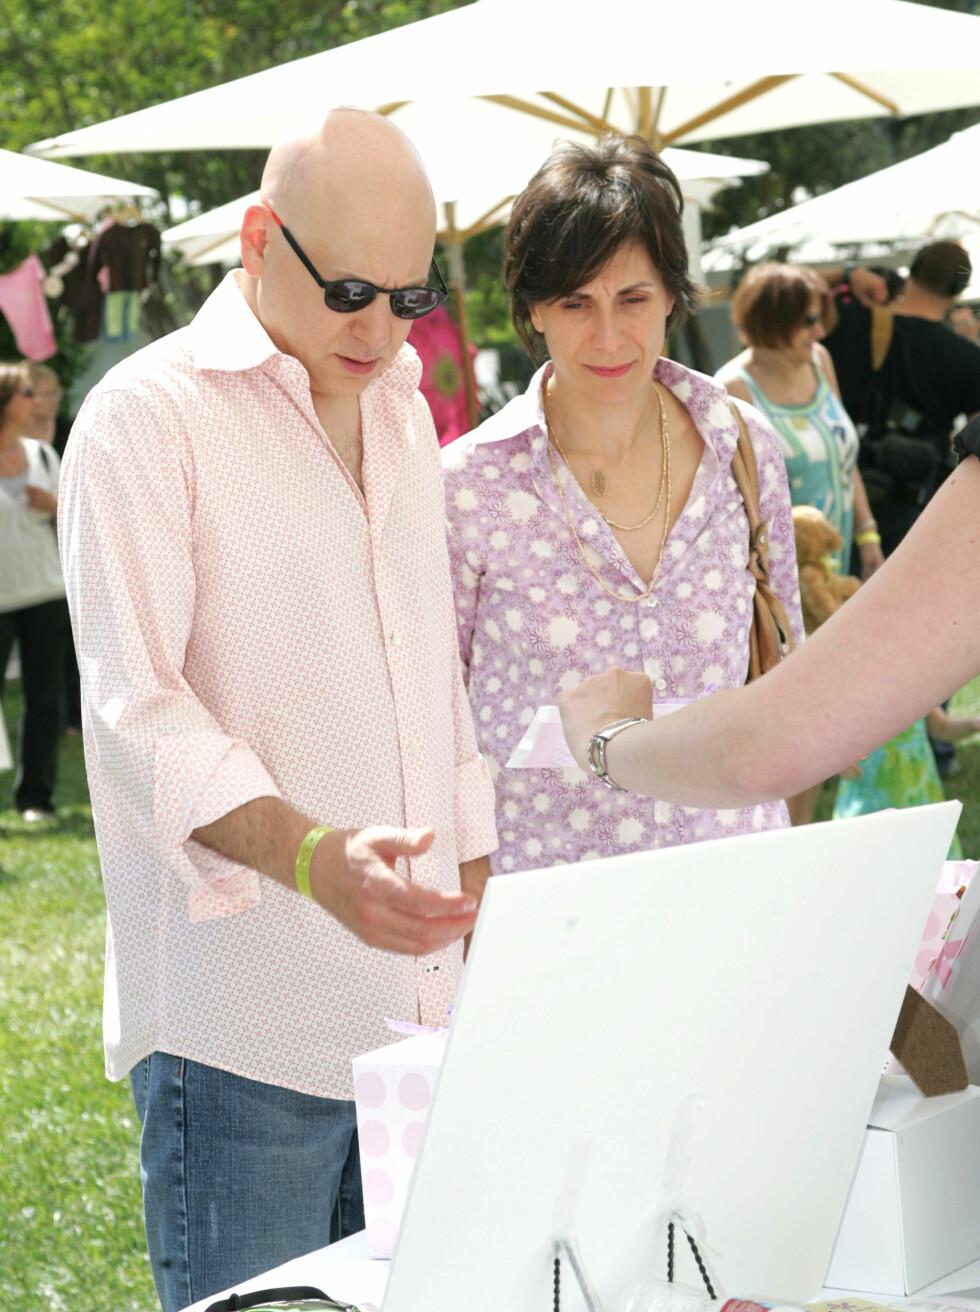 FANT LYKKEN MED ITALIENER: Evan Handler, som spilte Harry Goldenblatt, er gift med den italienske kjemikeren Elisa Atti. Sammen har de ett barn. Foto: NTB Scanpix